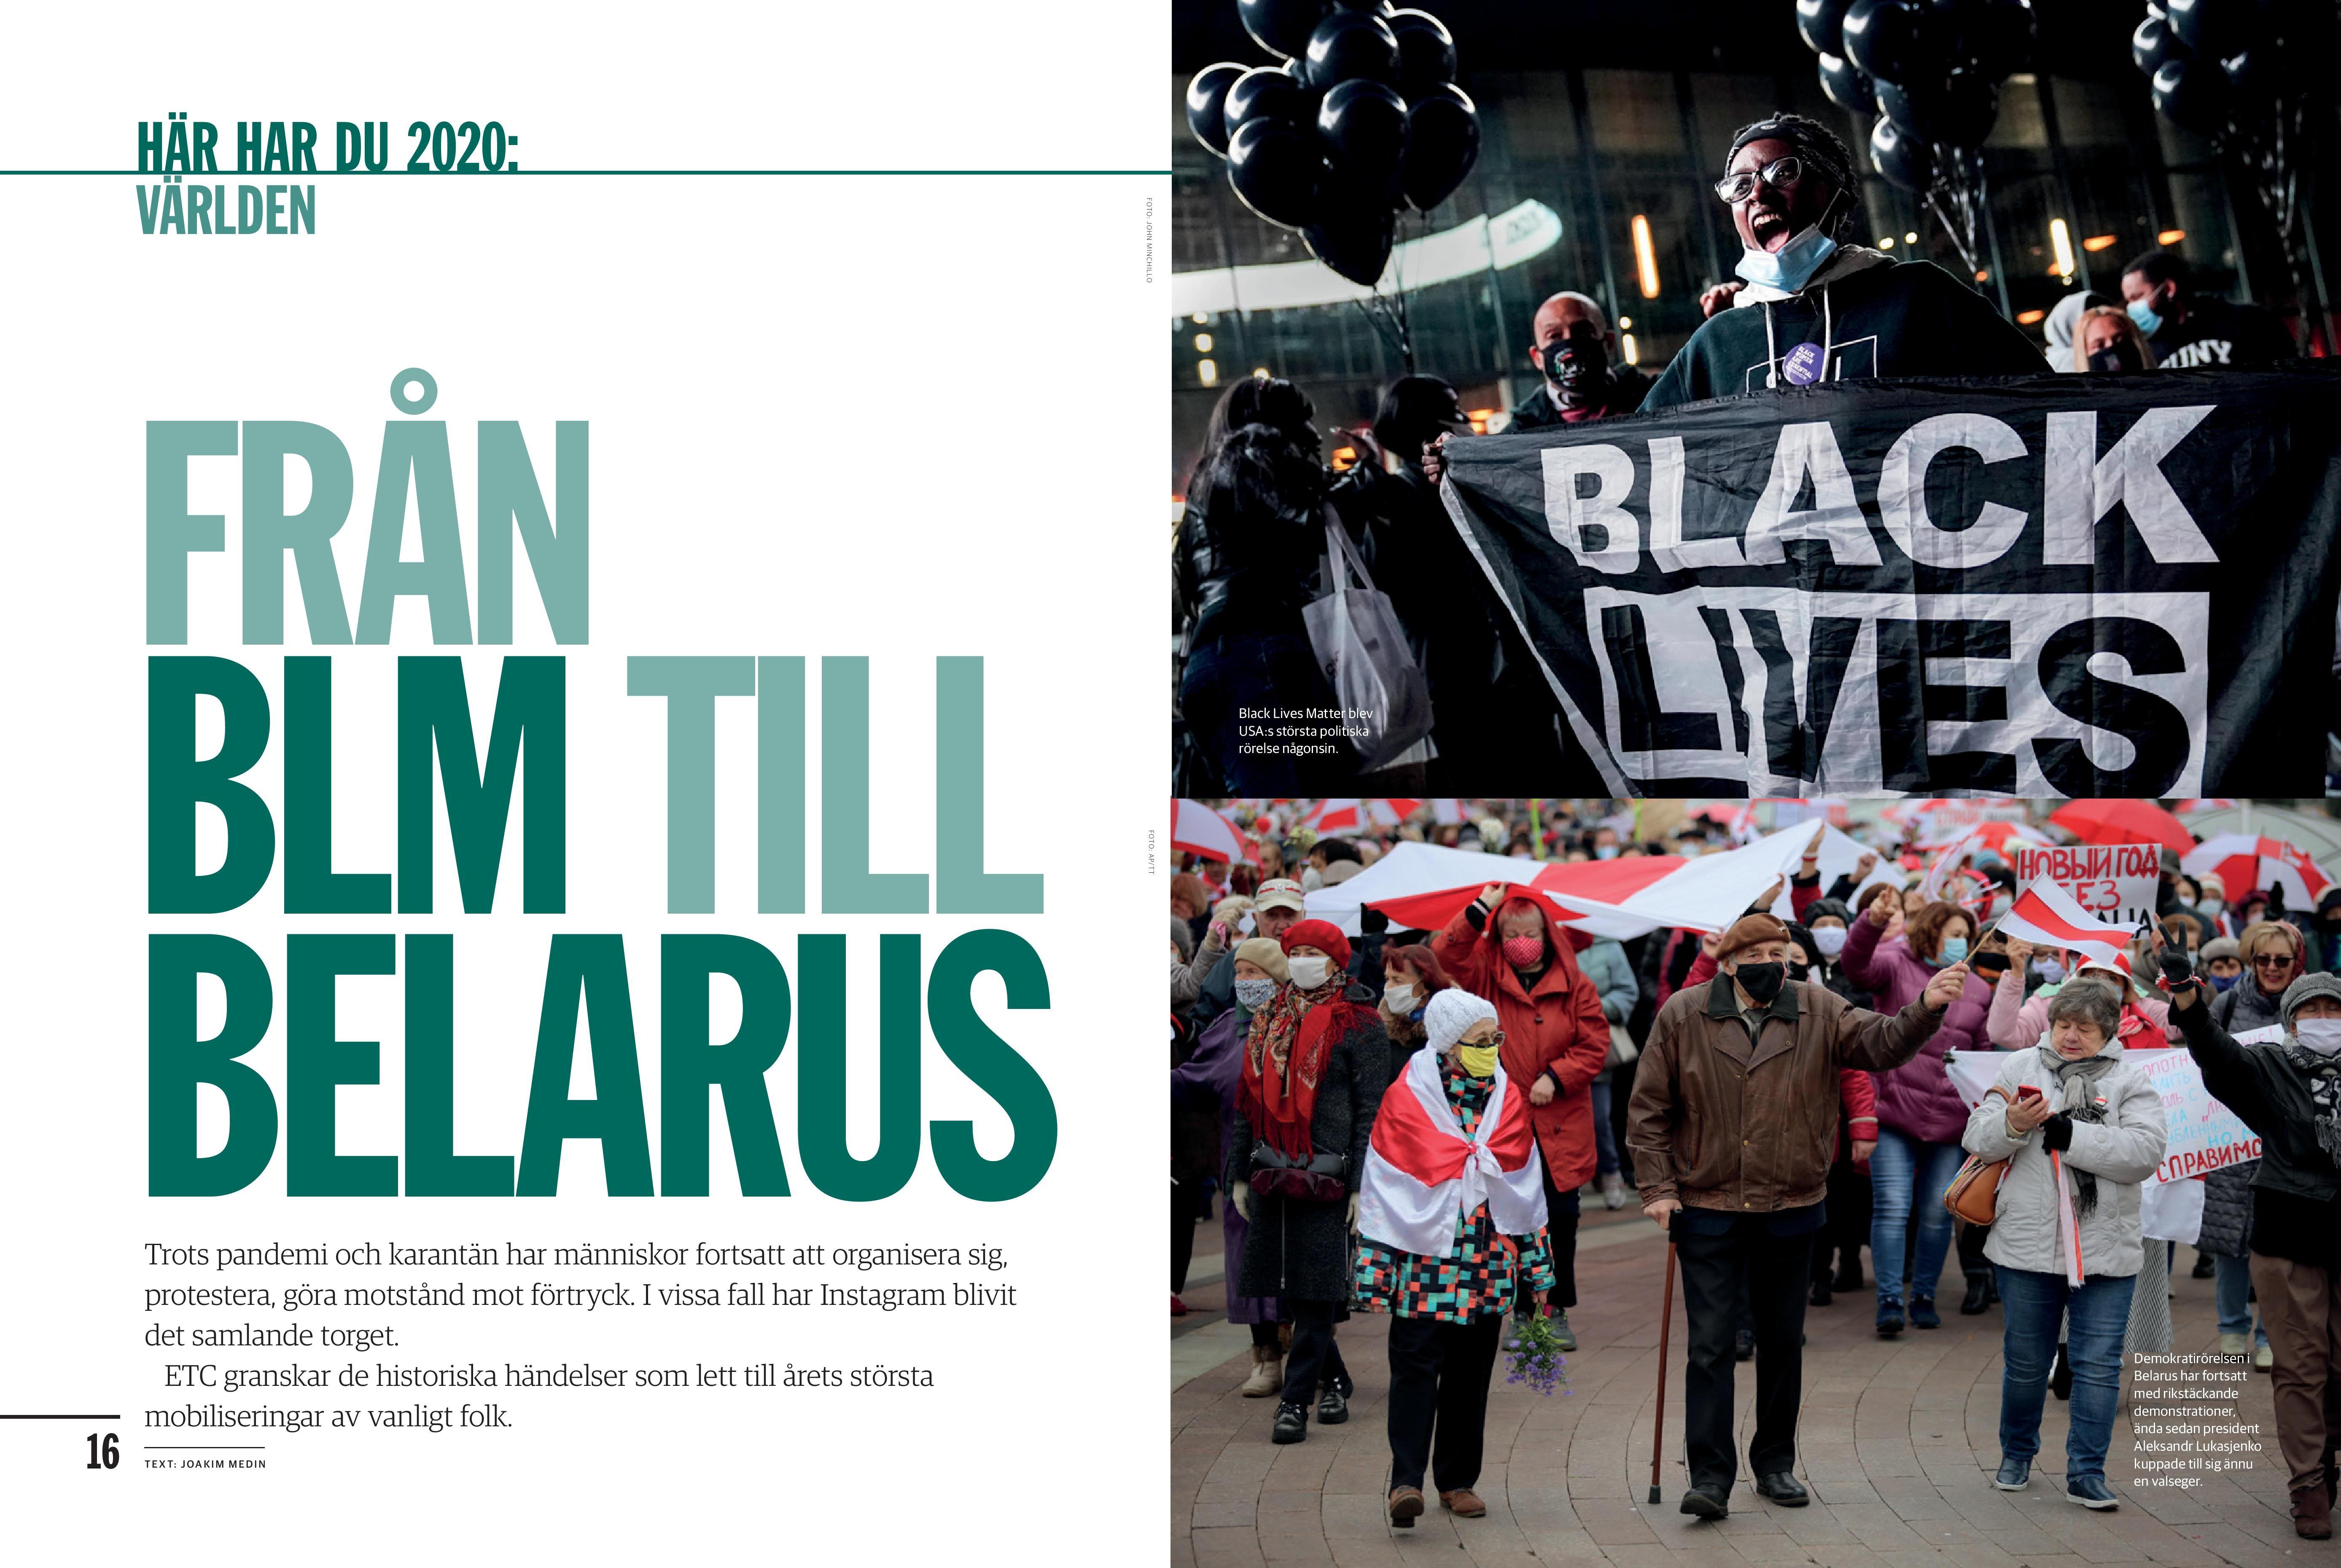 Från BLM till Belarus - Proteståret 2020, Nyhetsmagasinet ETC 2020-12-31